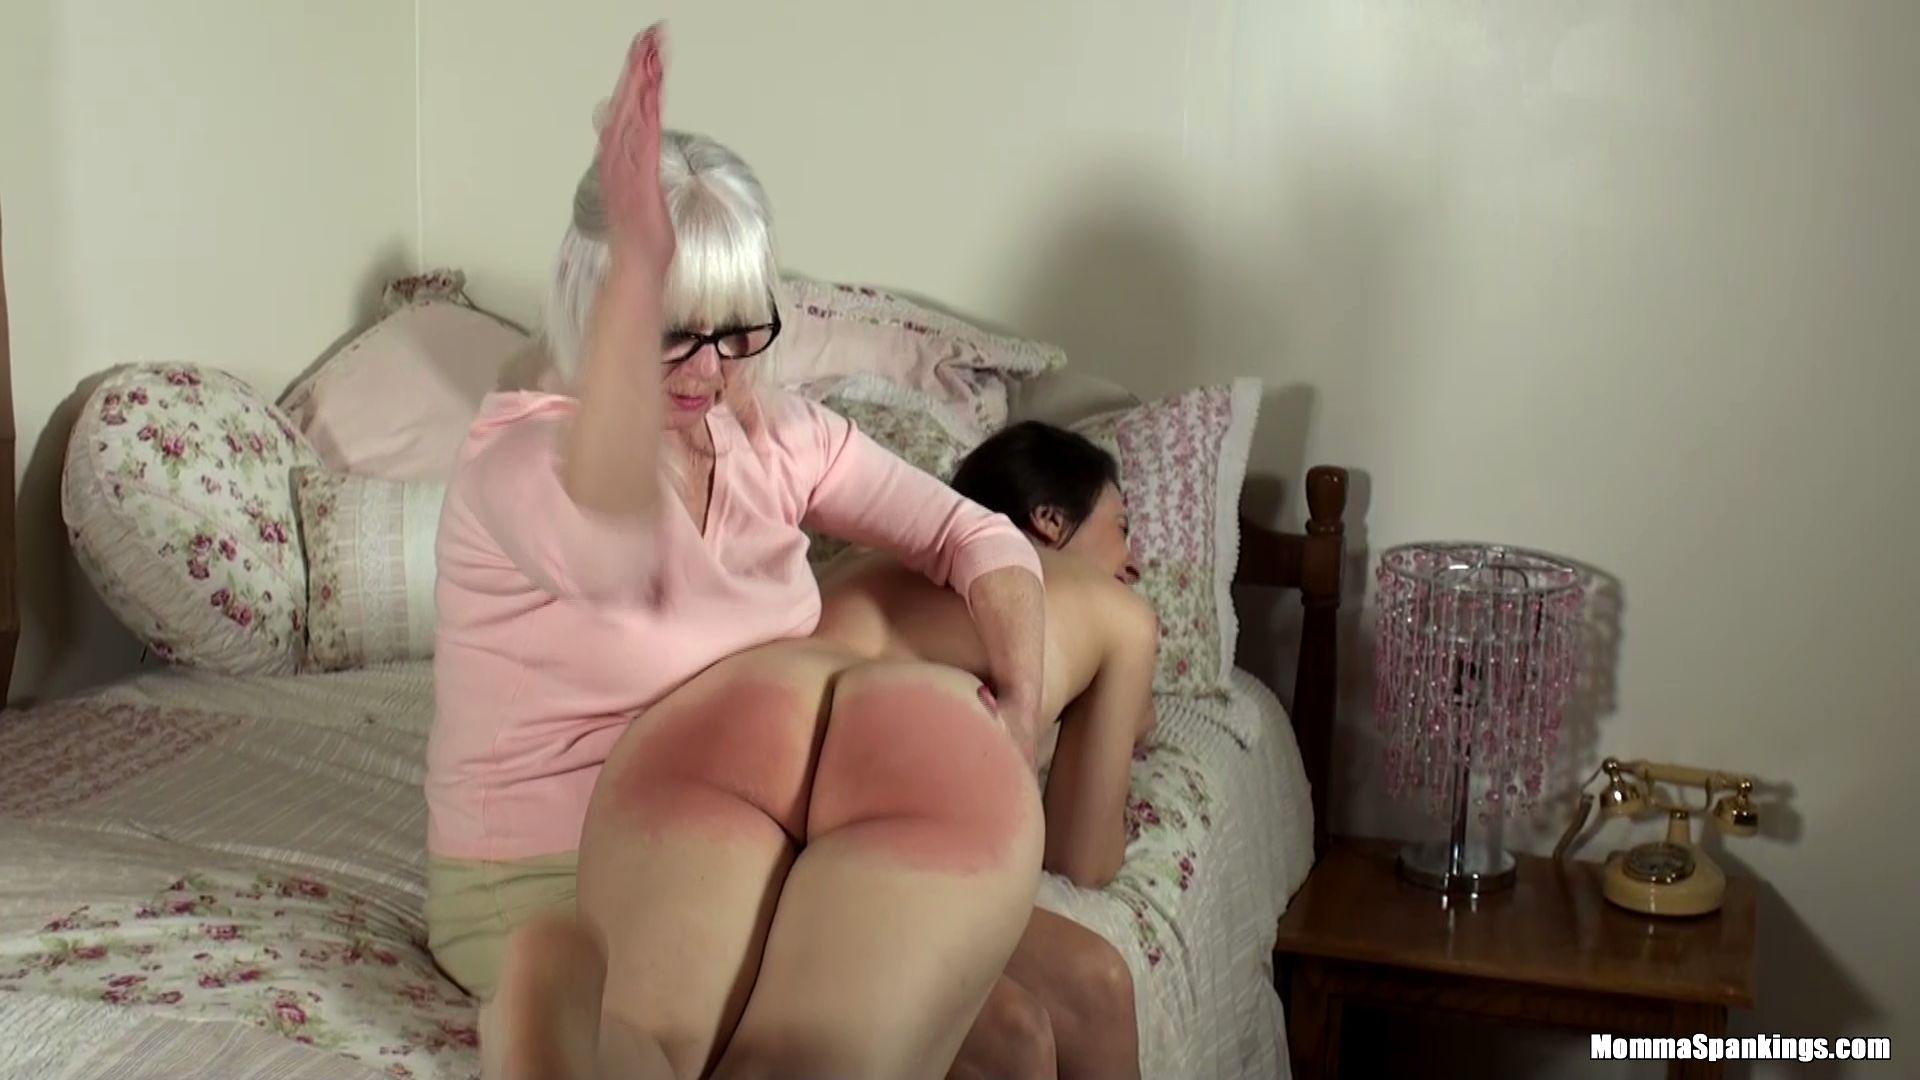 Momma Spankings